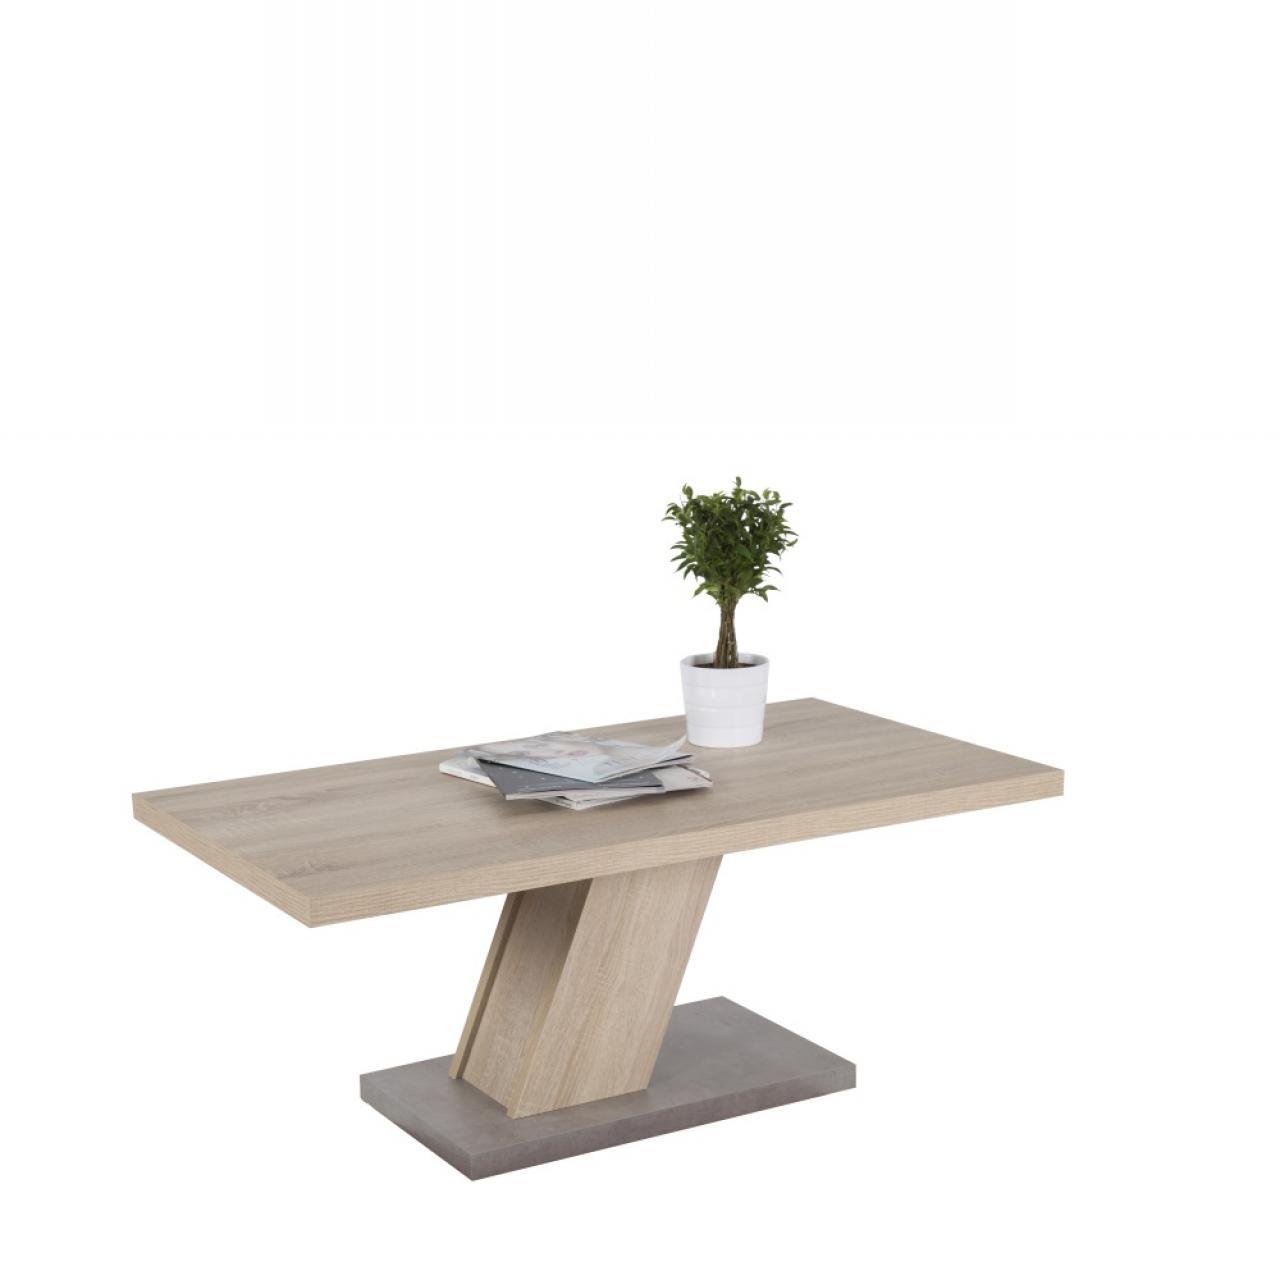 Couchtisch Innsbruck 3 Sonoma Betonoptik Wohnzimmertisch Stubentisch Tisch